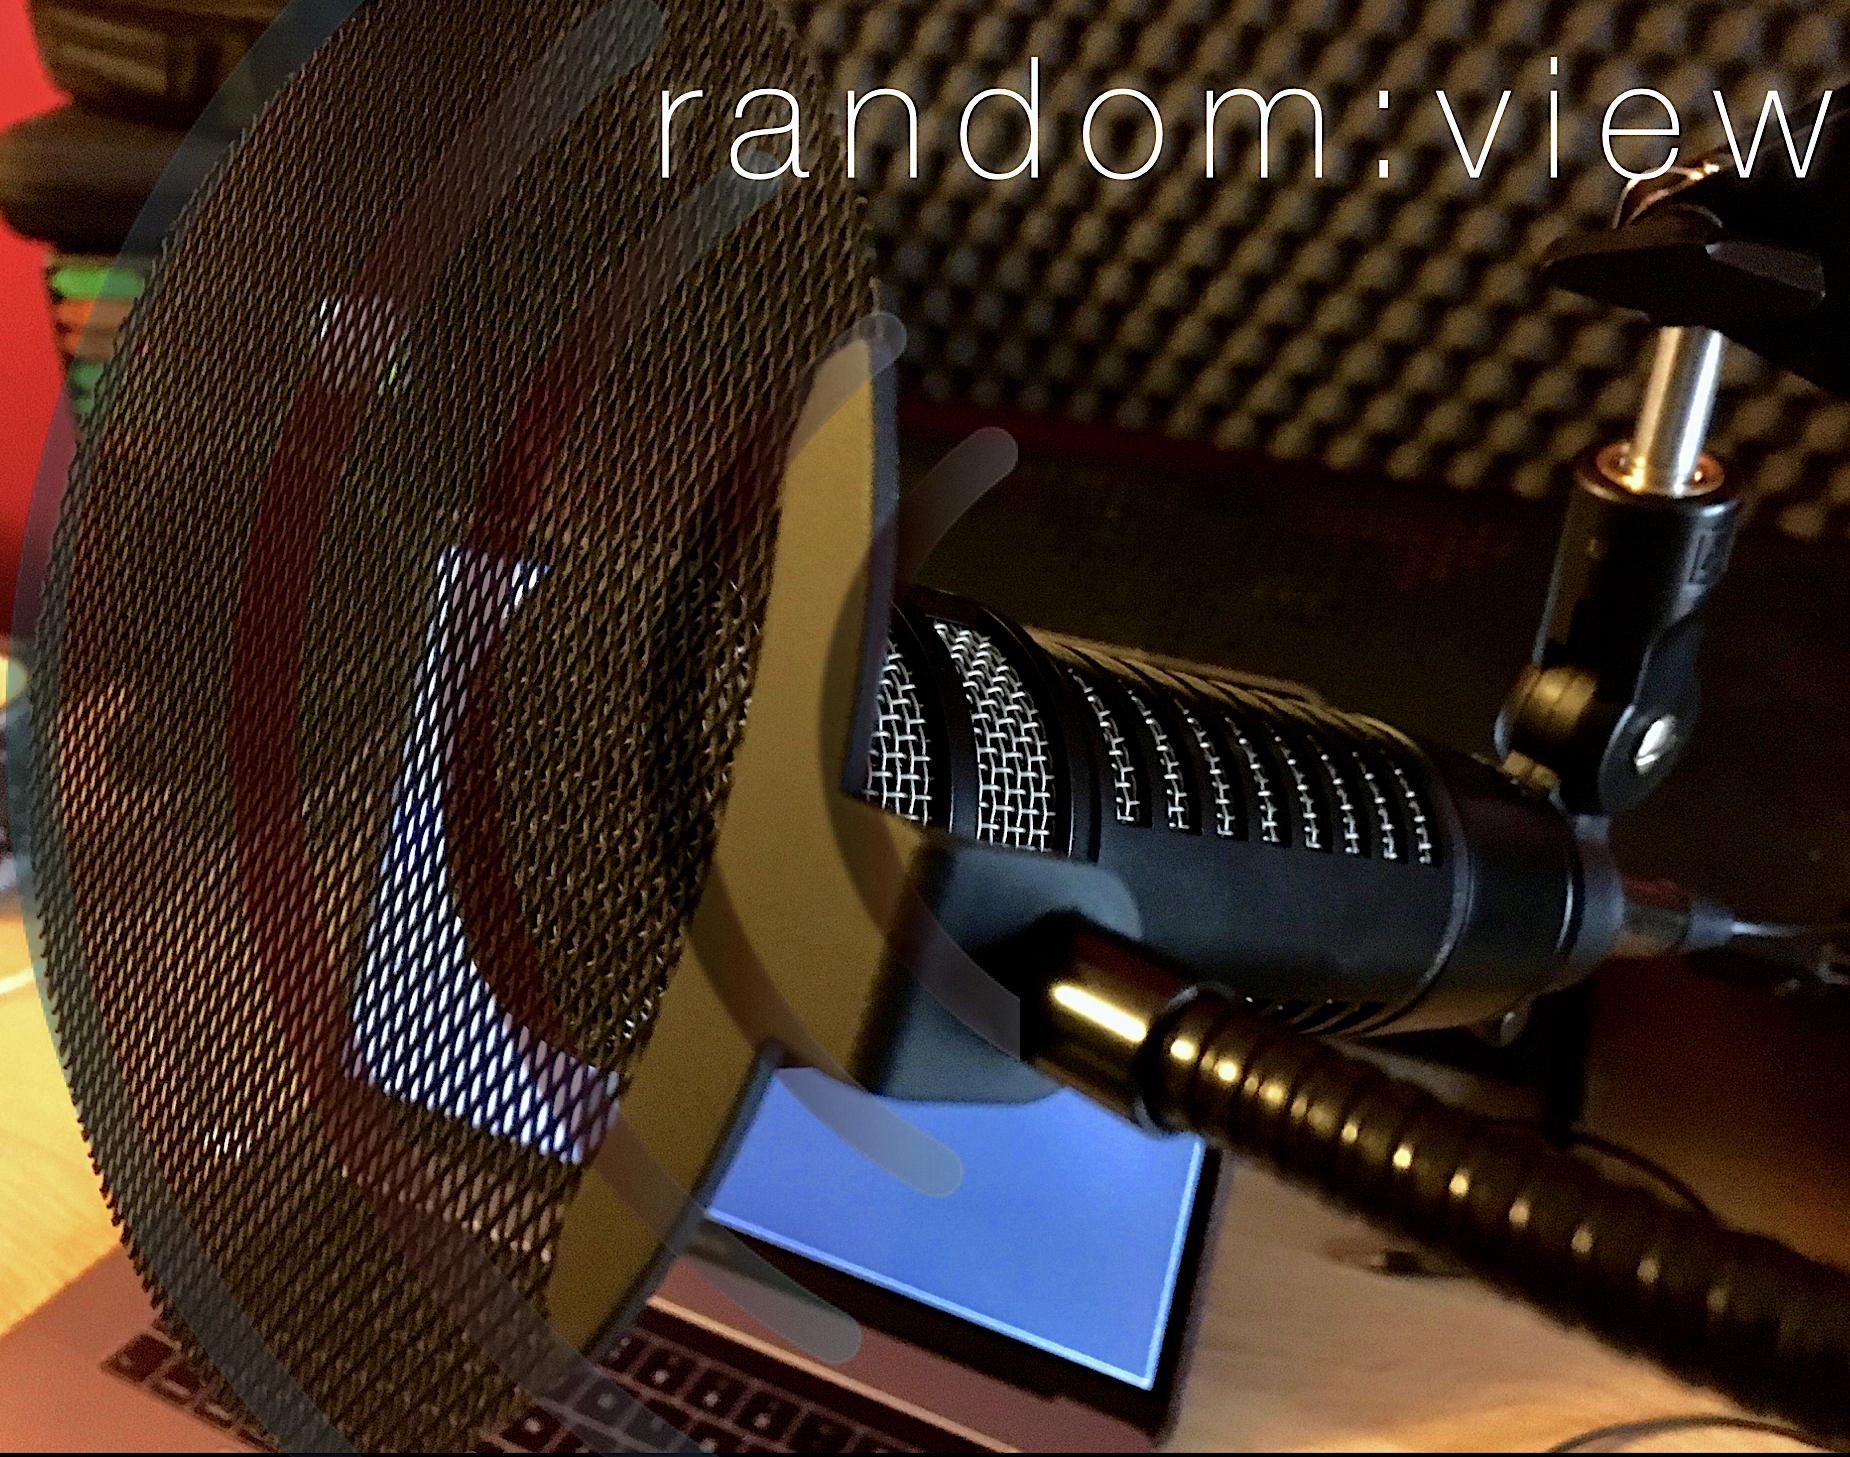 Okładka audycji random:view - mikrofon dynamiczny na tle ekranu LCD